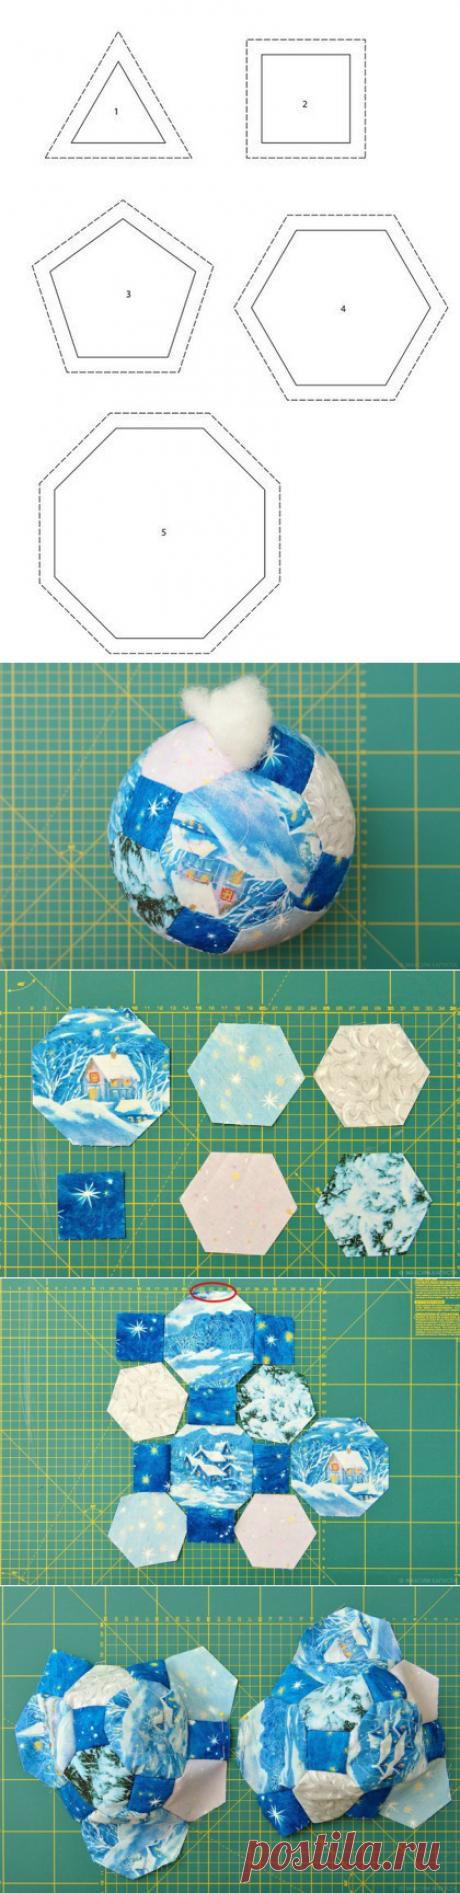 Мячики в технике пэчворк — Сделай сам, идеи для творчества - DIY Ideas